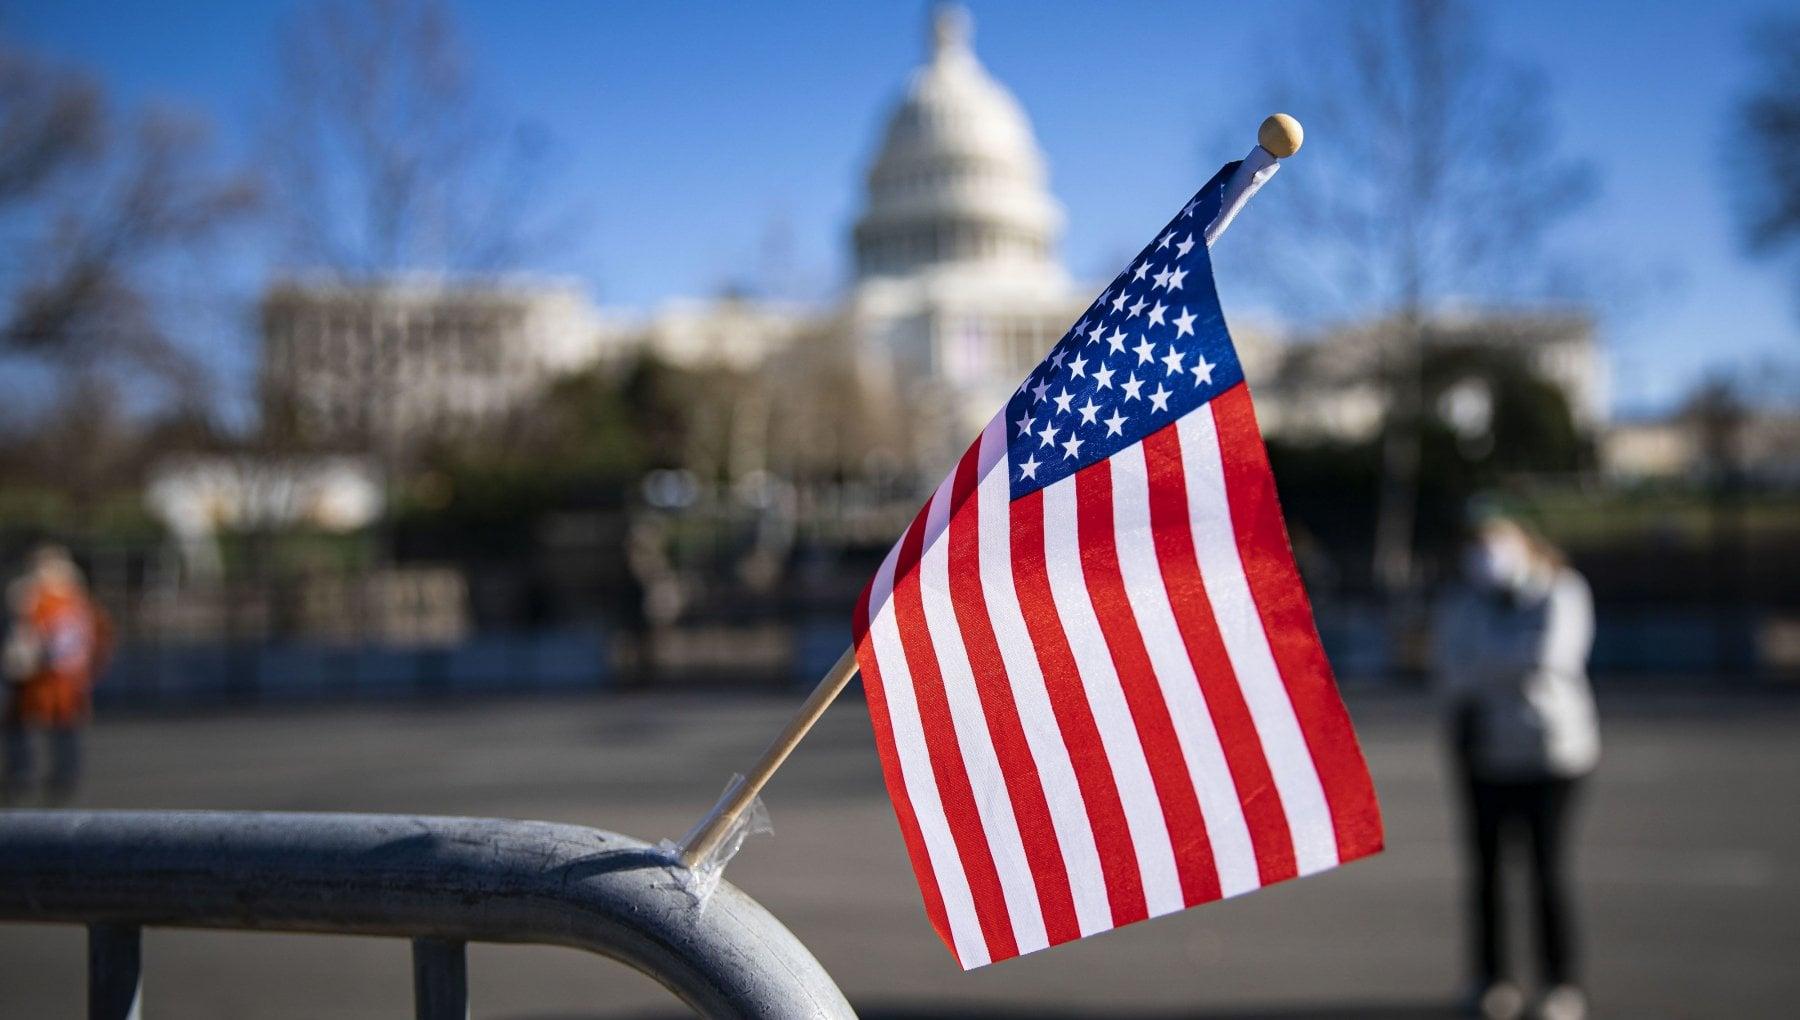 Stati Uniti il penalista Alan Dershowitz Trump sia tranquillo non ci sara nessun impeachment